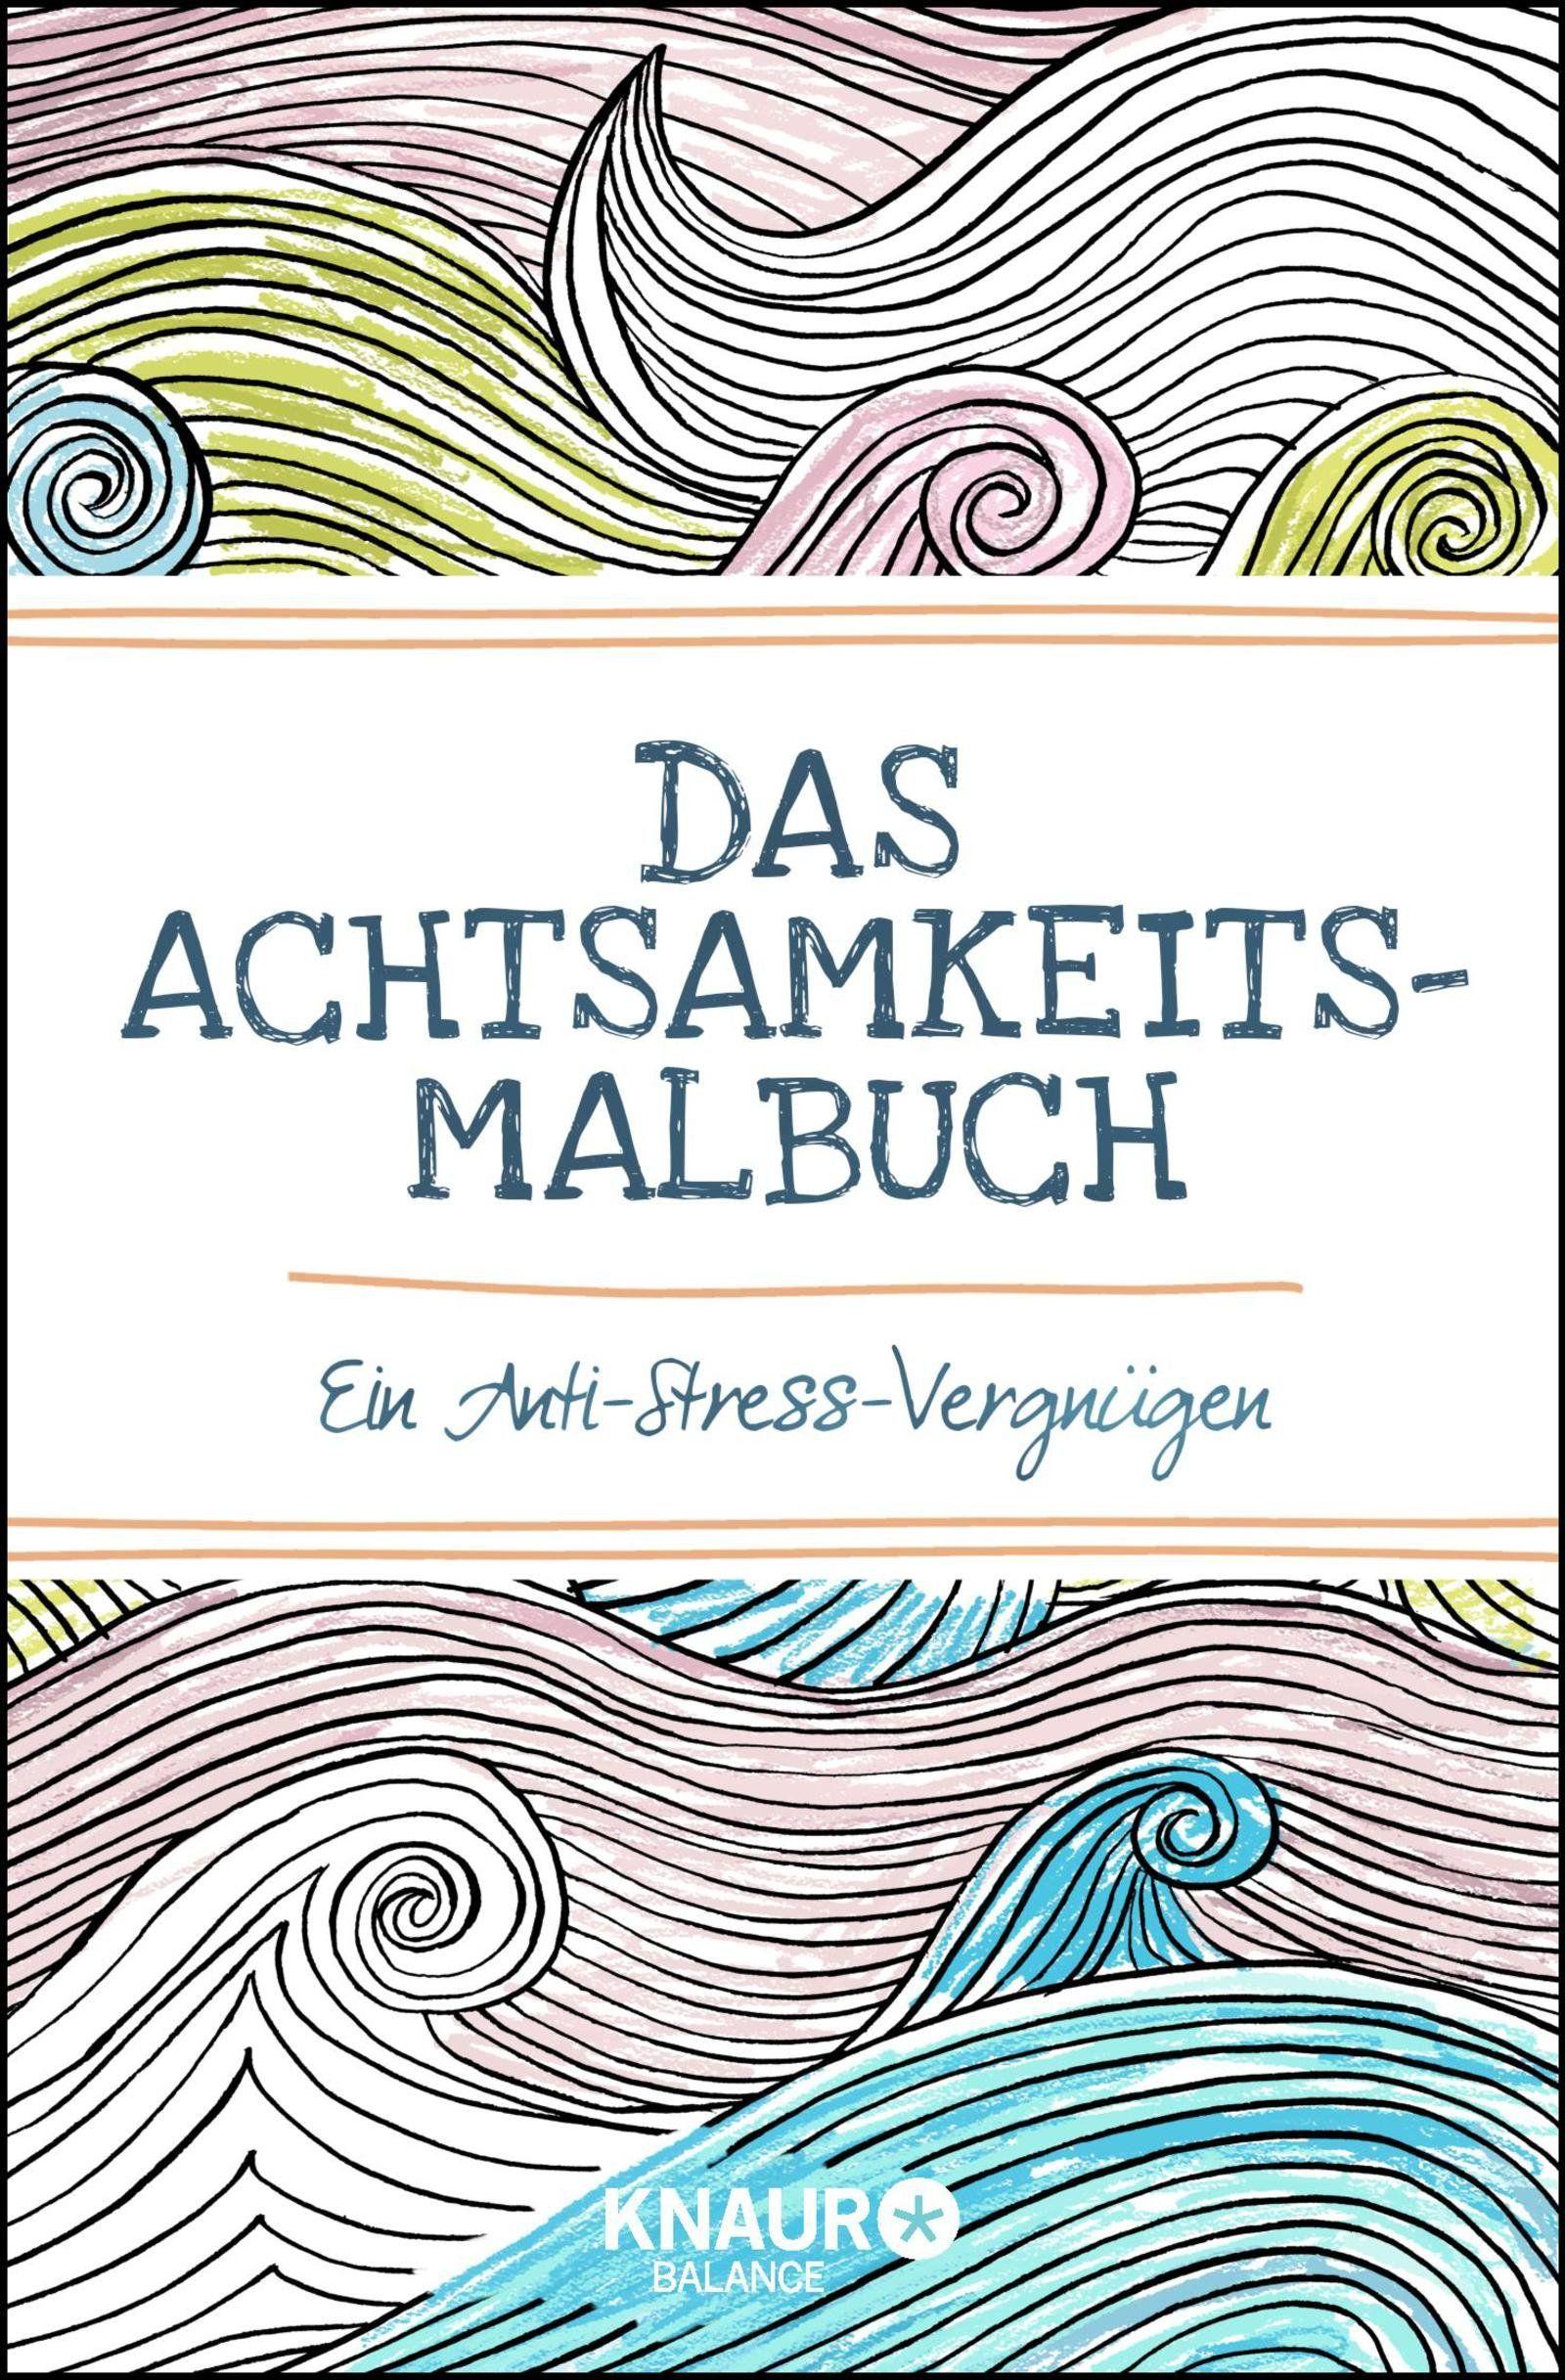 Das Achtsamkeits Malbuch Ein Anti Stress Vergnugen Amazonde